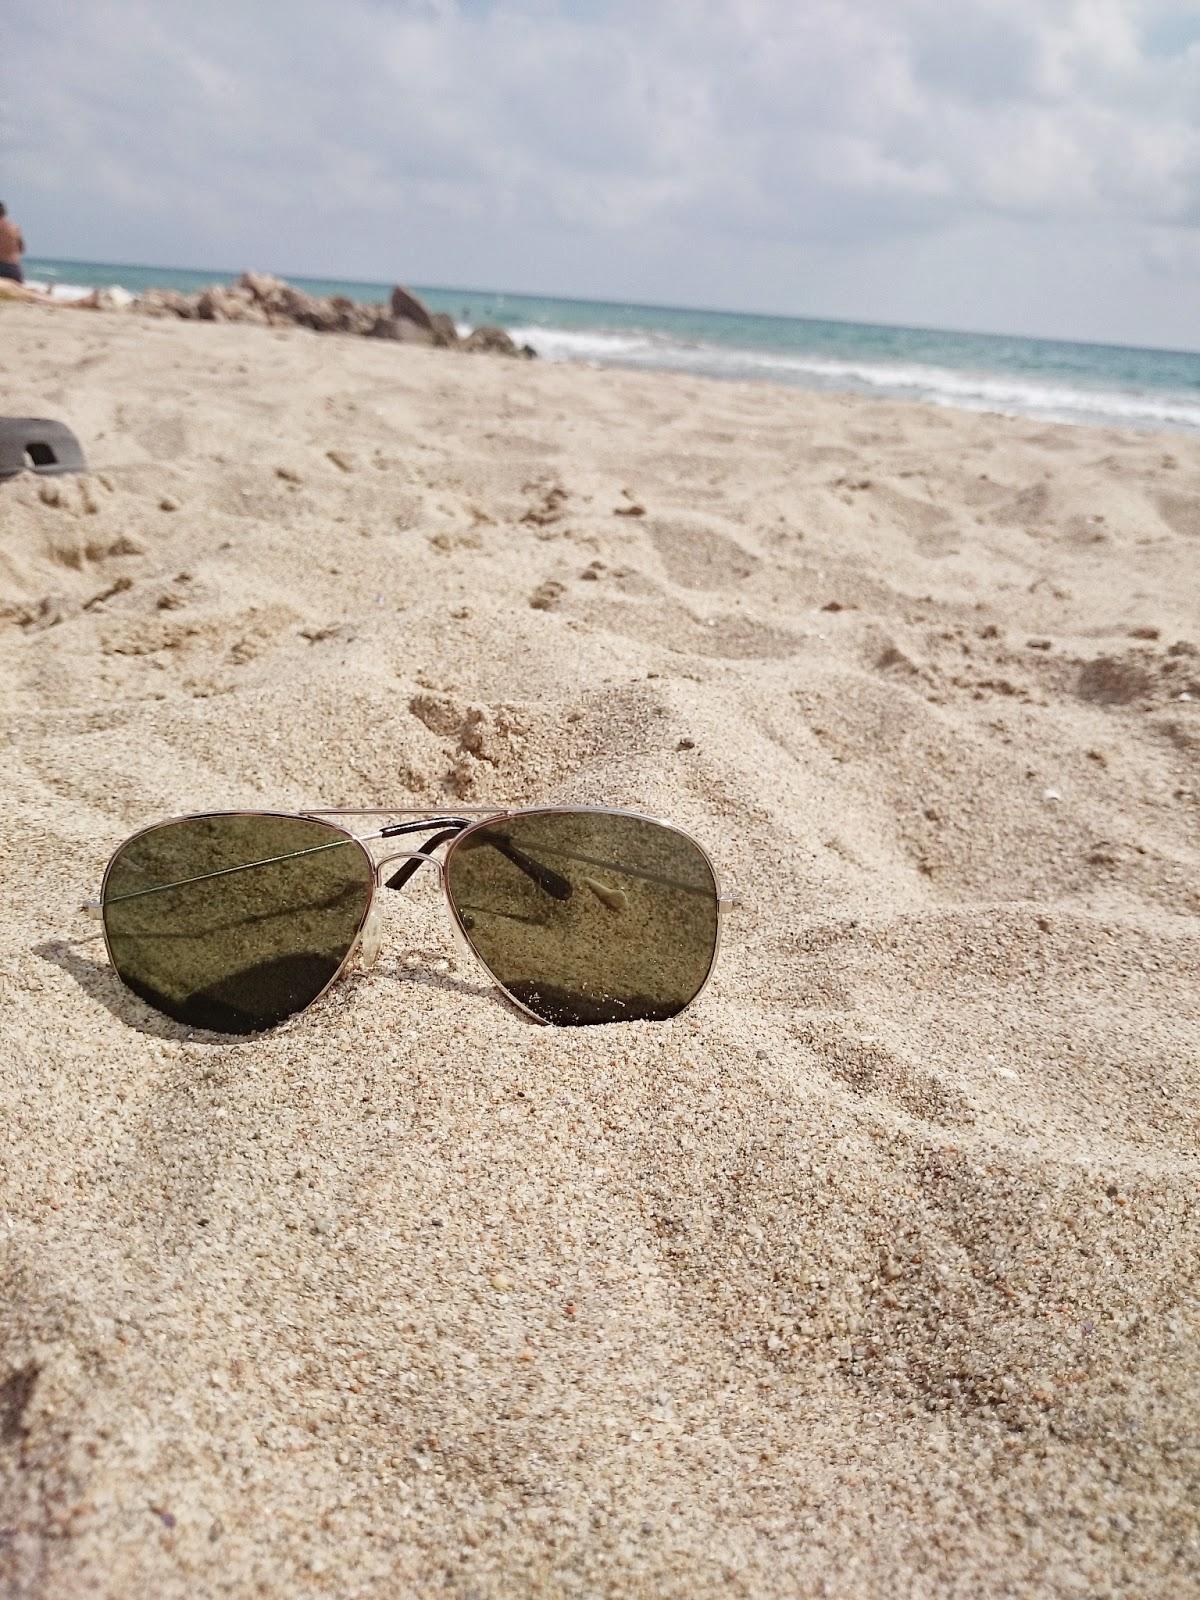 plaża,piasek,inspiracje,zdjęcie piasku,zdjęcie okularów,ciekawe zdjęcia,hiszpania,espana,Cunit,plaża w Hiszpanii,słońce